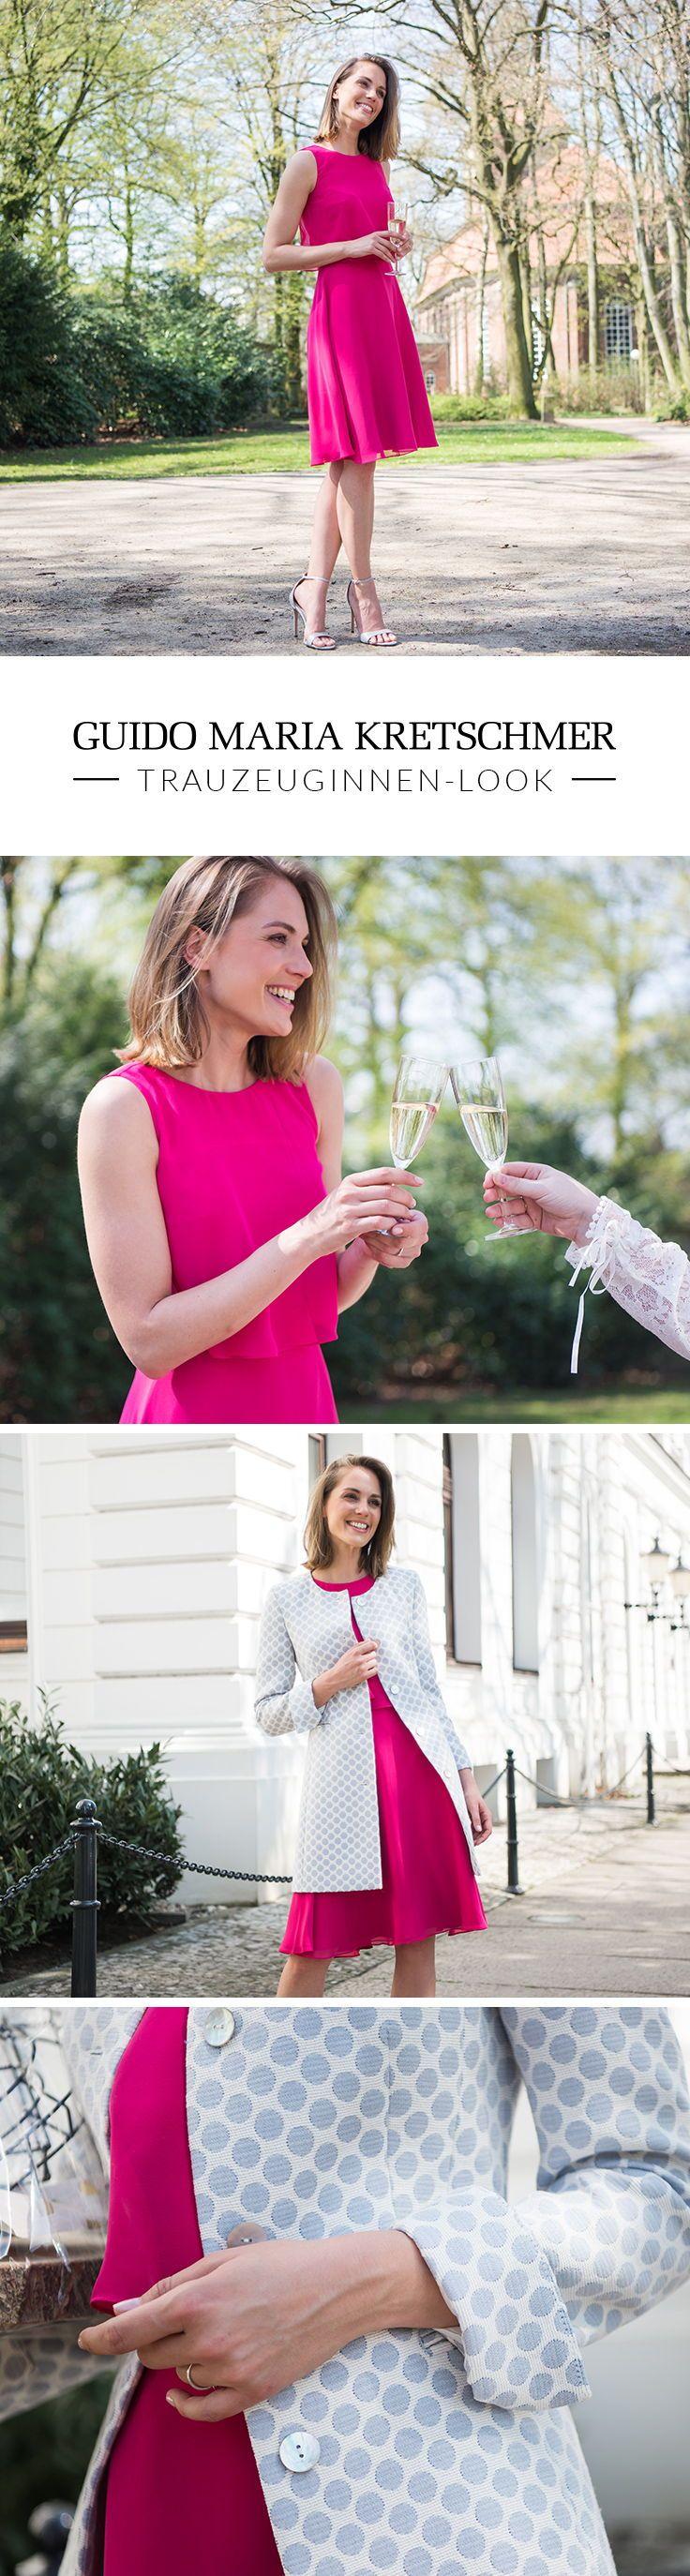 Hochzeit Outfits Für Gäste Und Trauzeugen Kleid